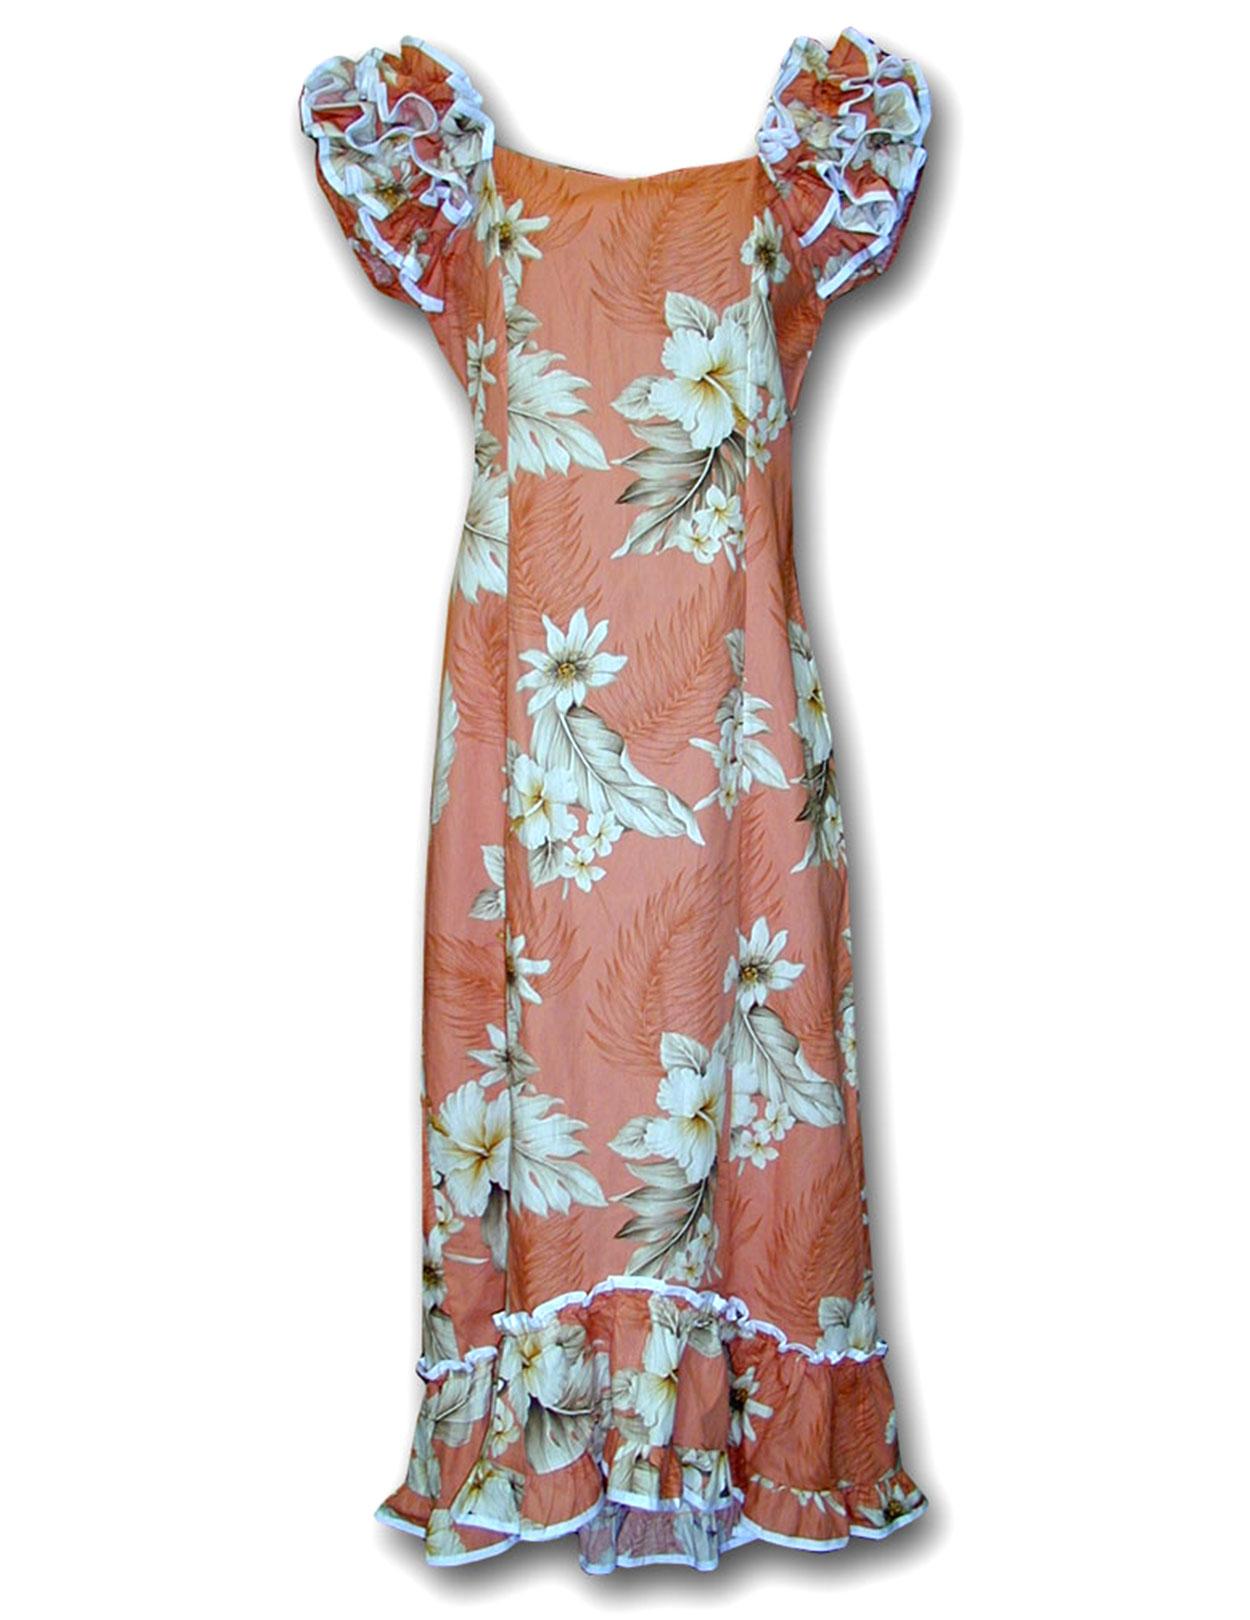 7c3774aab5f Sleeve Dresses - Shaka Time Hawaii Clothing Store